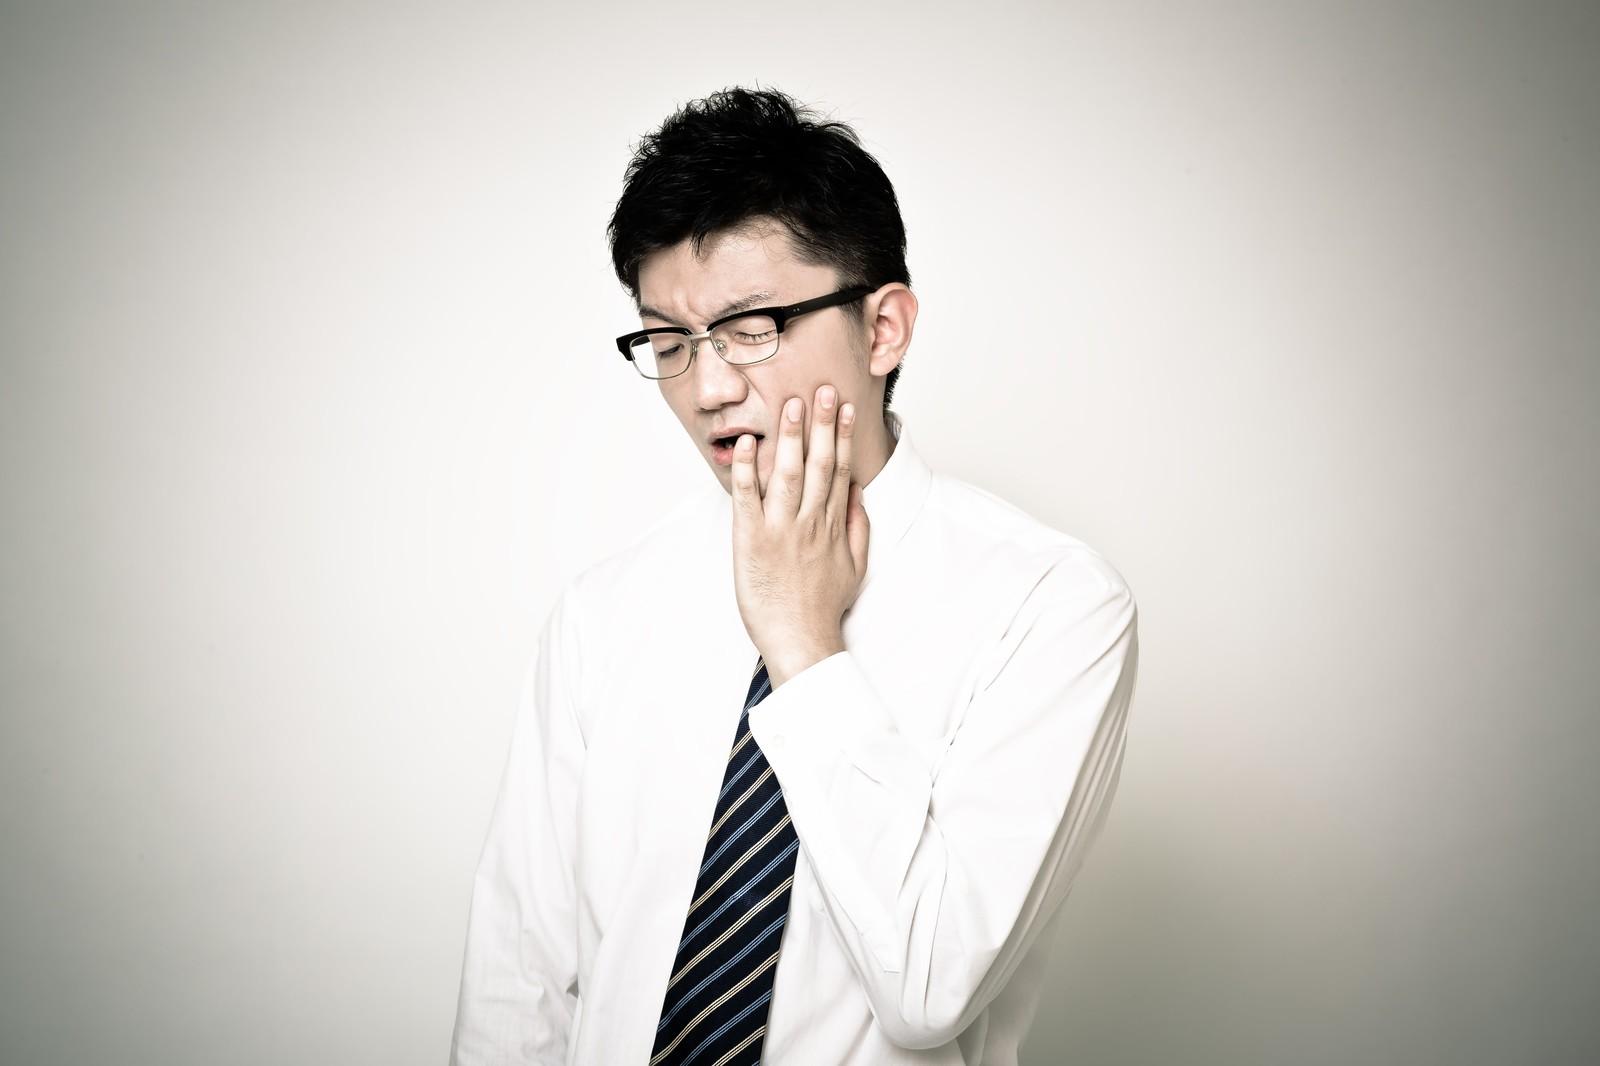 エピシル口腔用液をMeiji Seikaファルマが発売開始